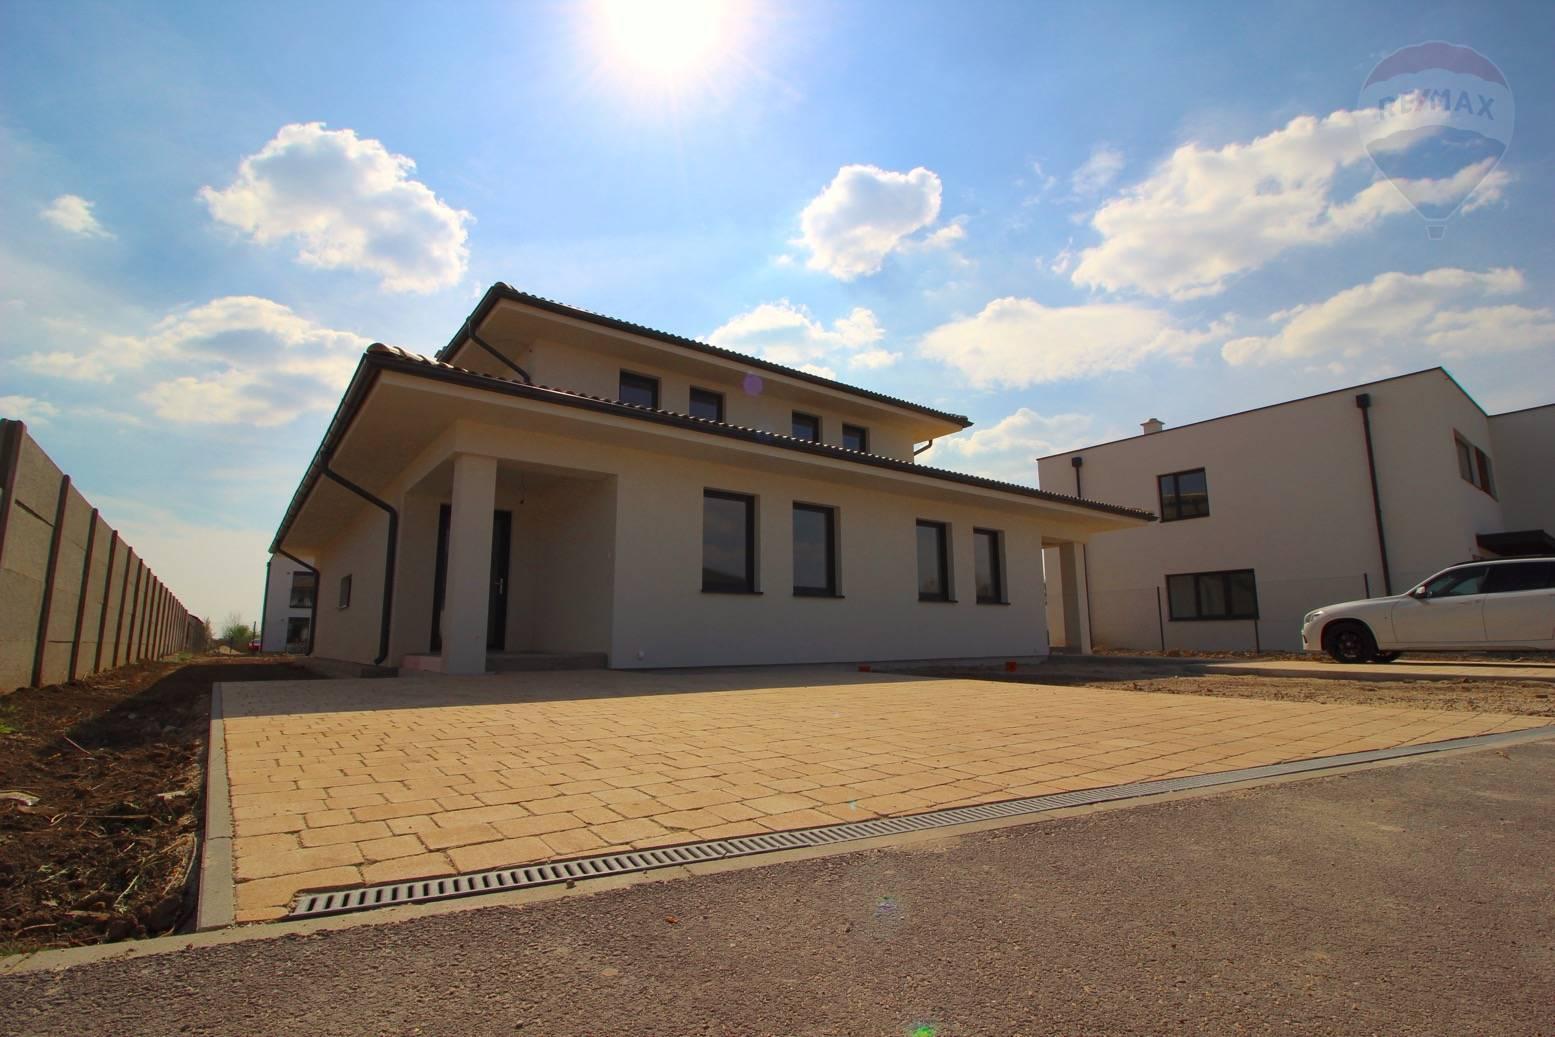 Predaj domu 134 m2, Miloslavov - Rodinný dom II. - Miloslavov - Alžbetin dvor - Exteriér